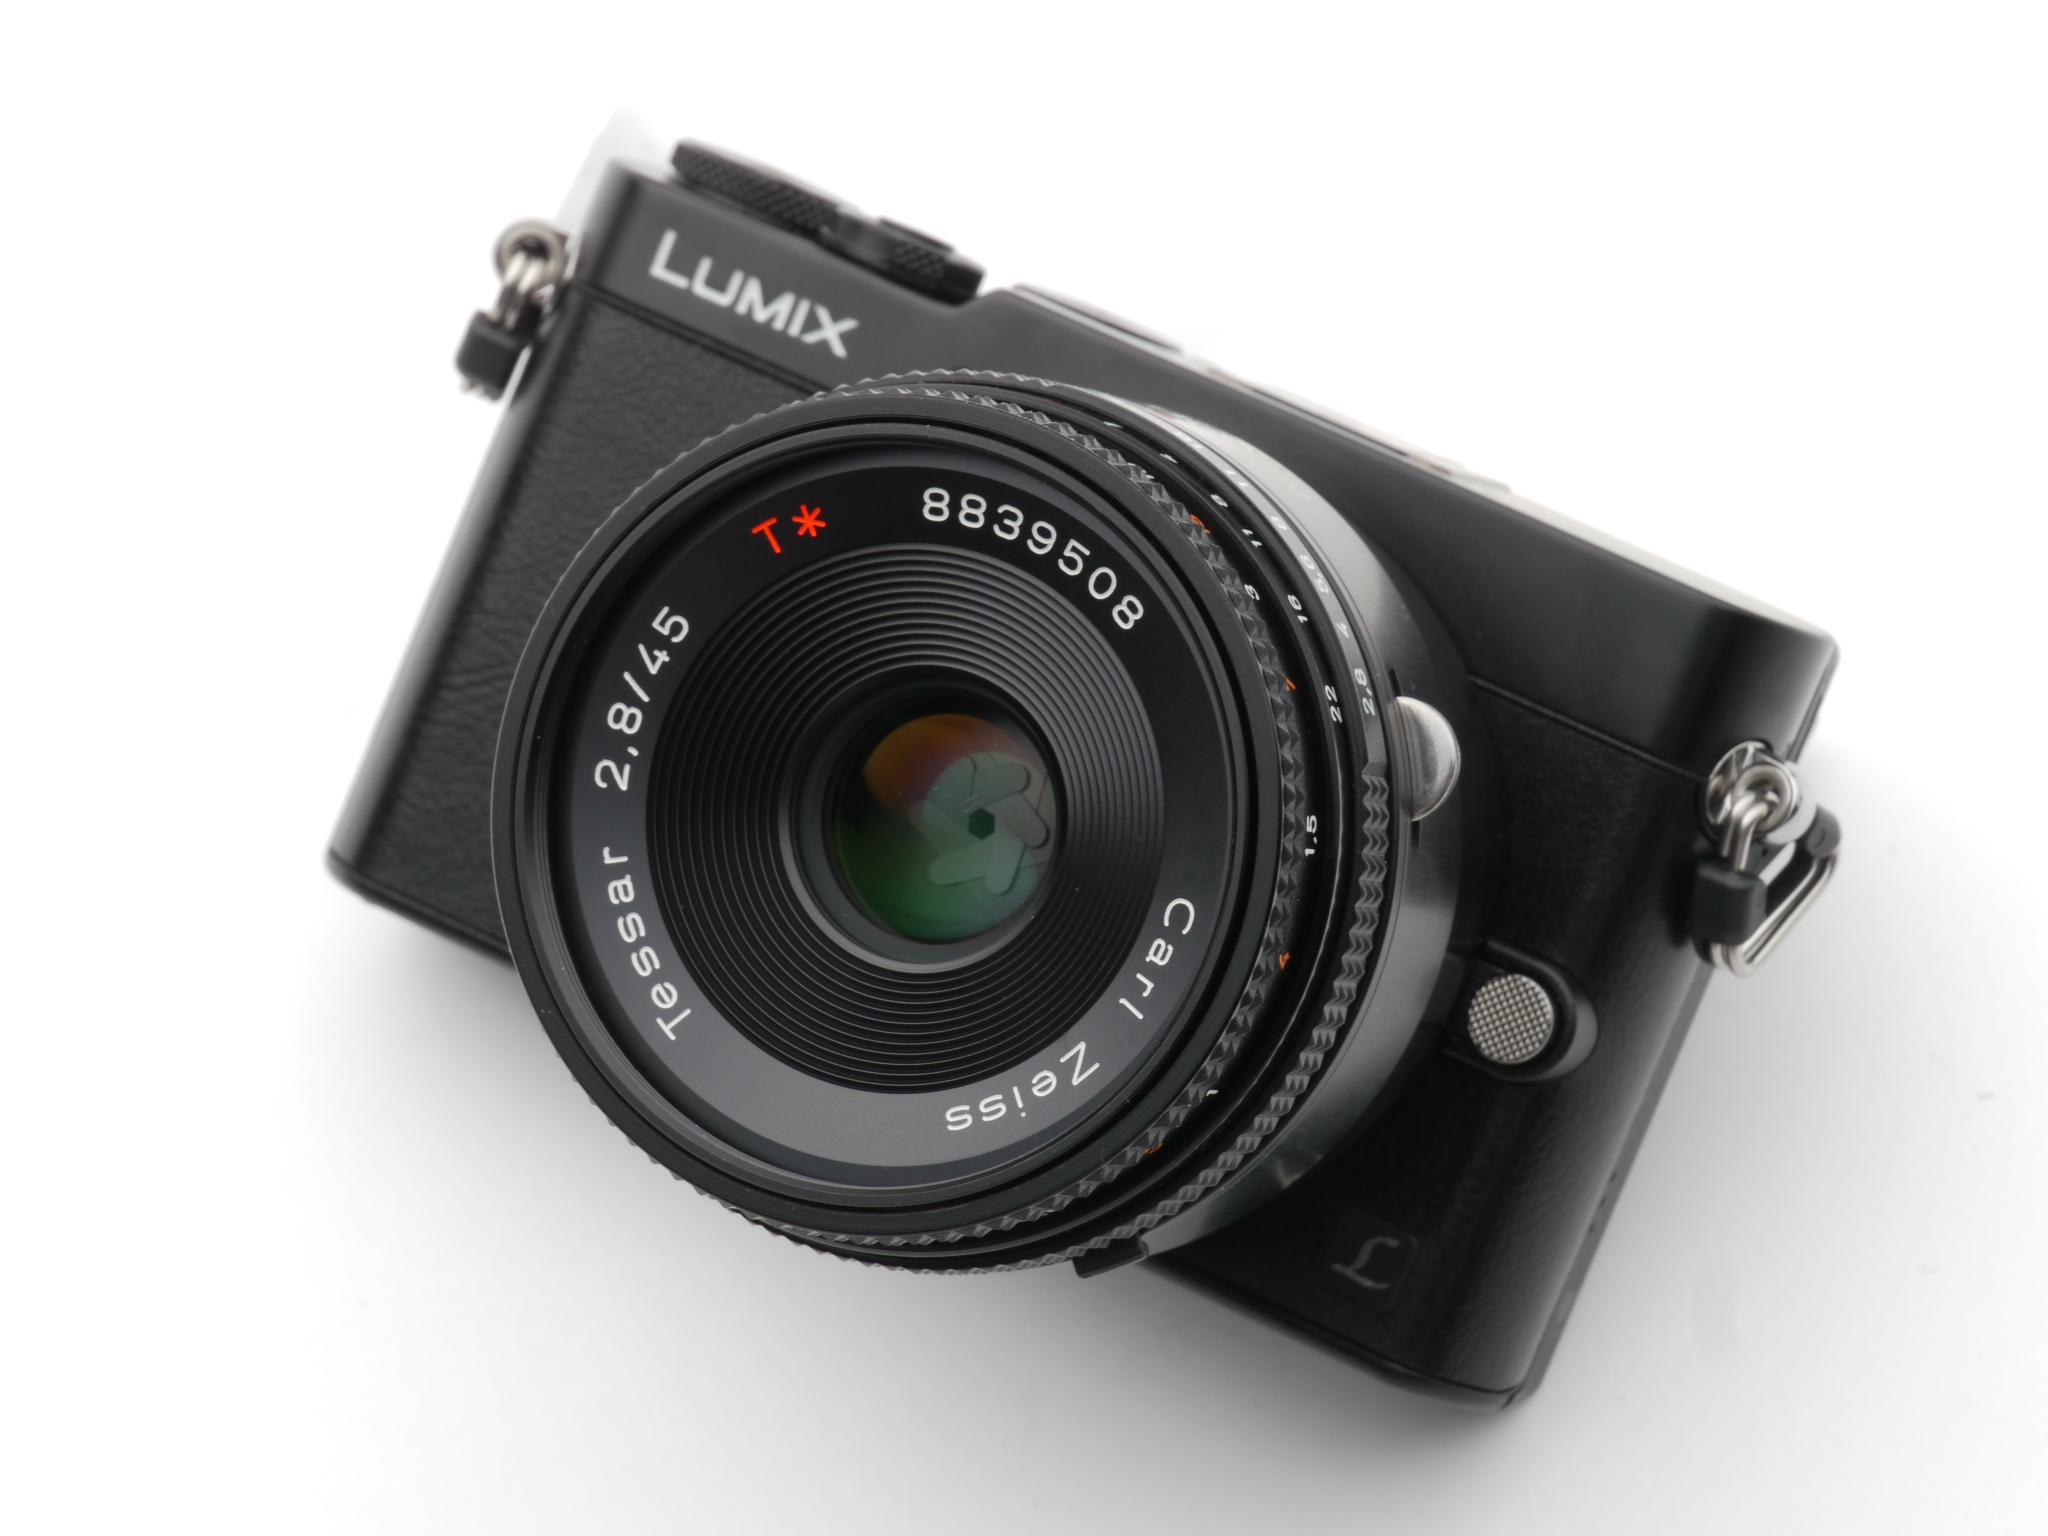 Panasonic (パナソニック) LUMIX DMC-GM5 + CONTAX (コンタックス) Tessar T*45mm F2.8 MM